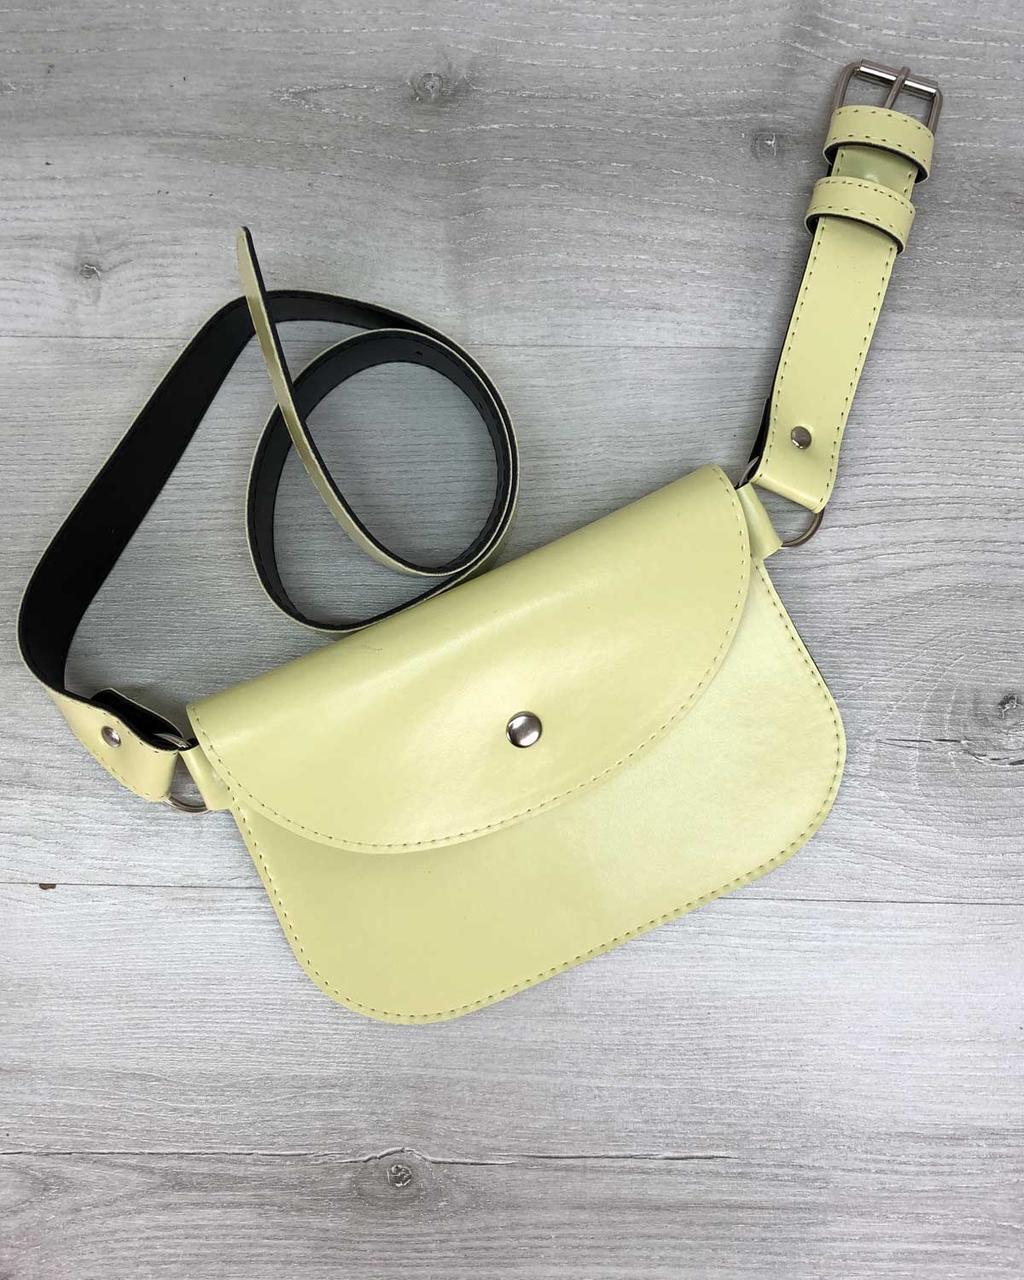 Стильная женская сумка на пояс Kim желтая, поясная сумочка женская на пояс